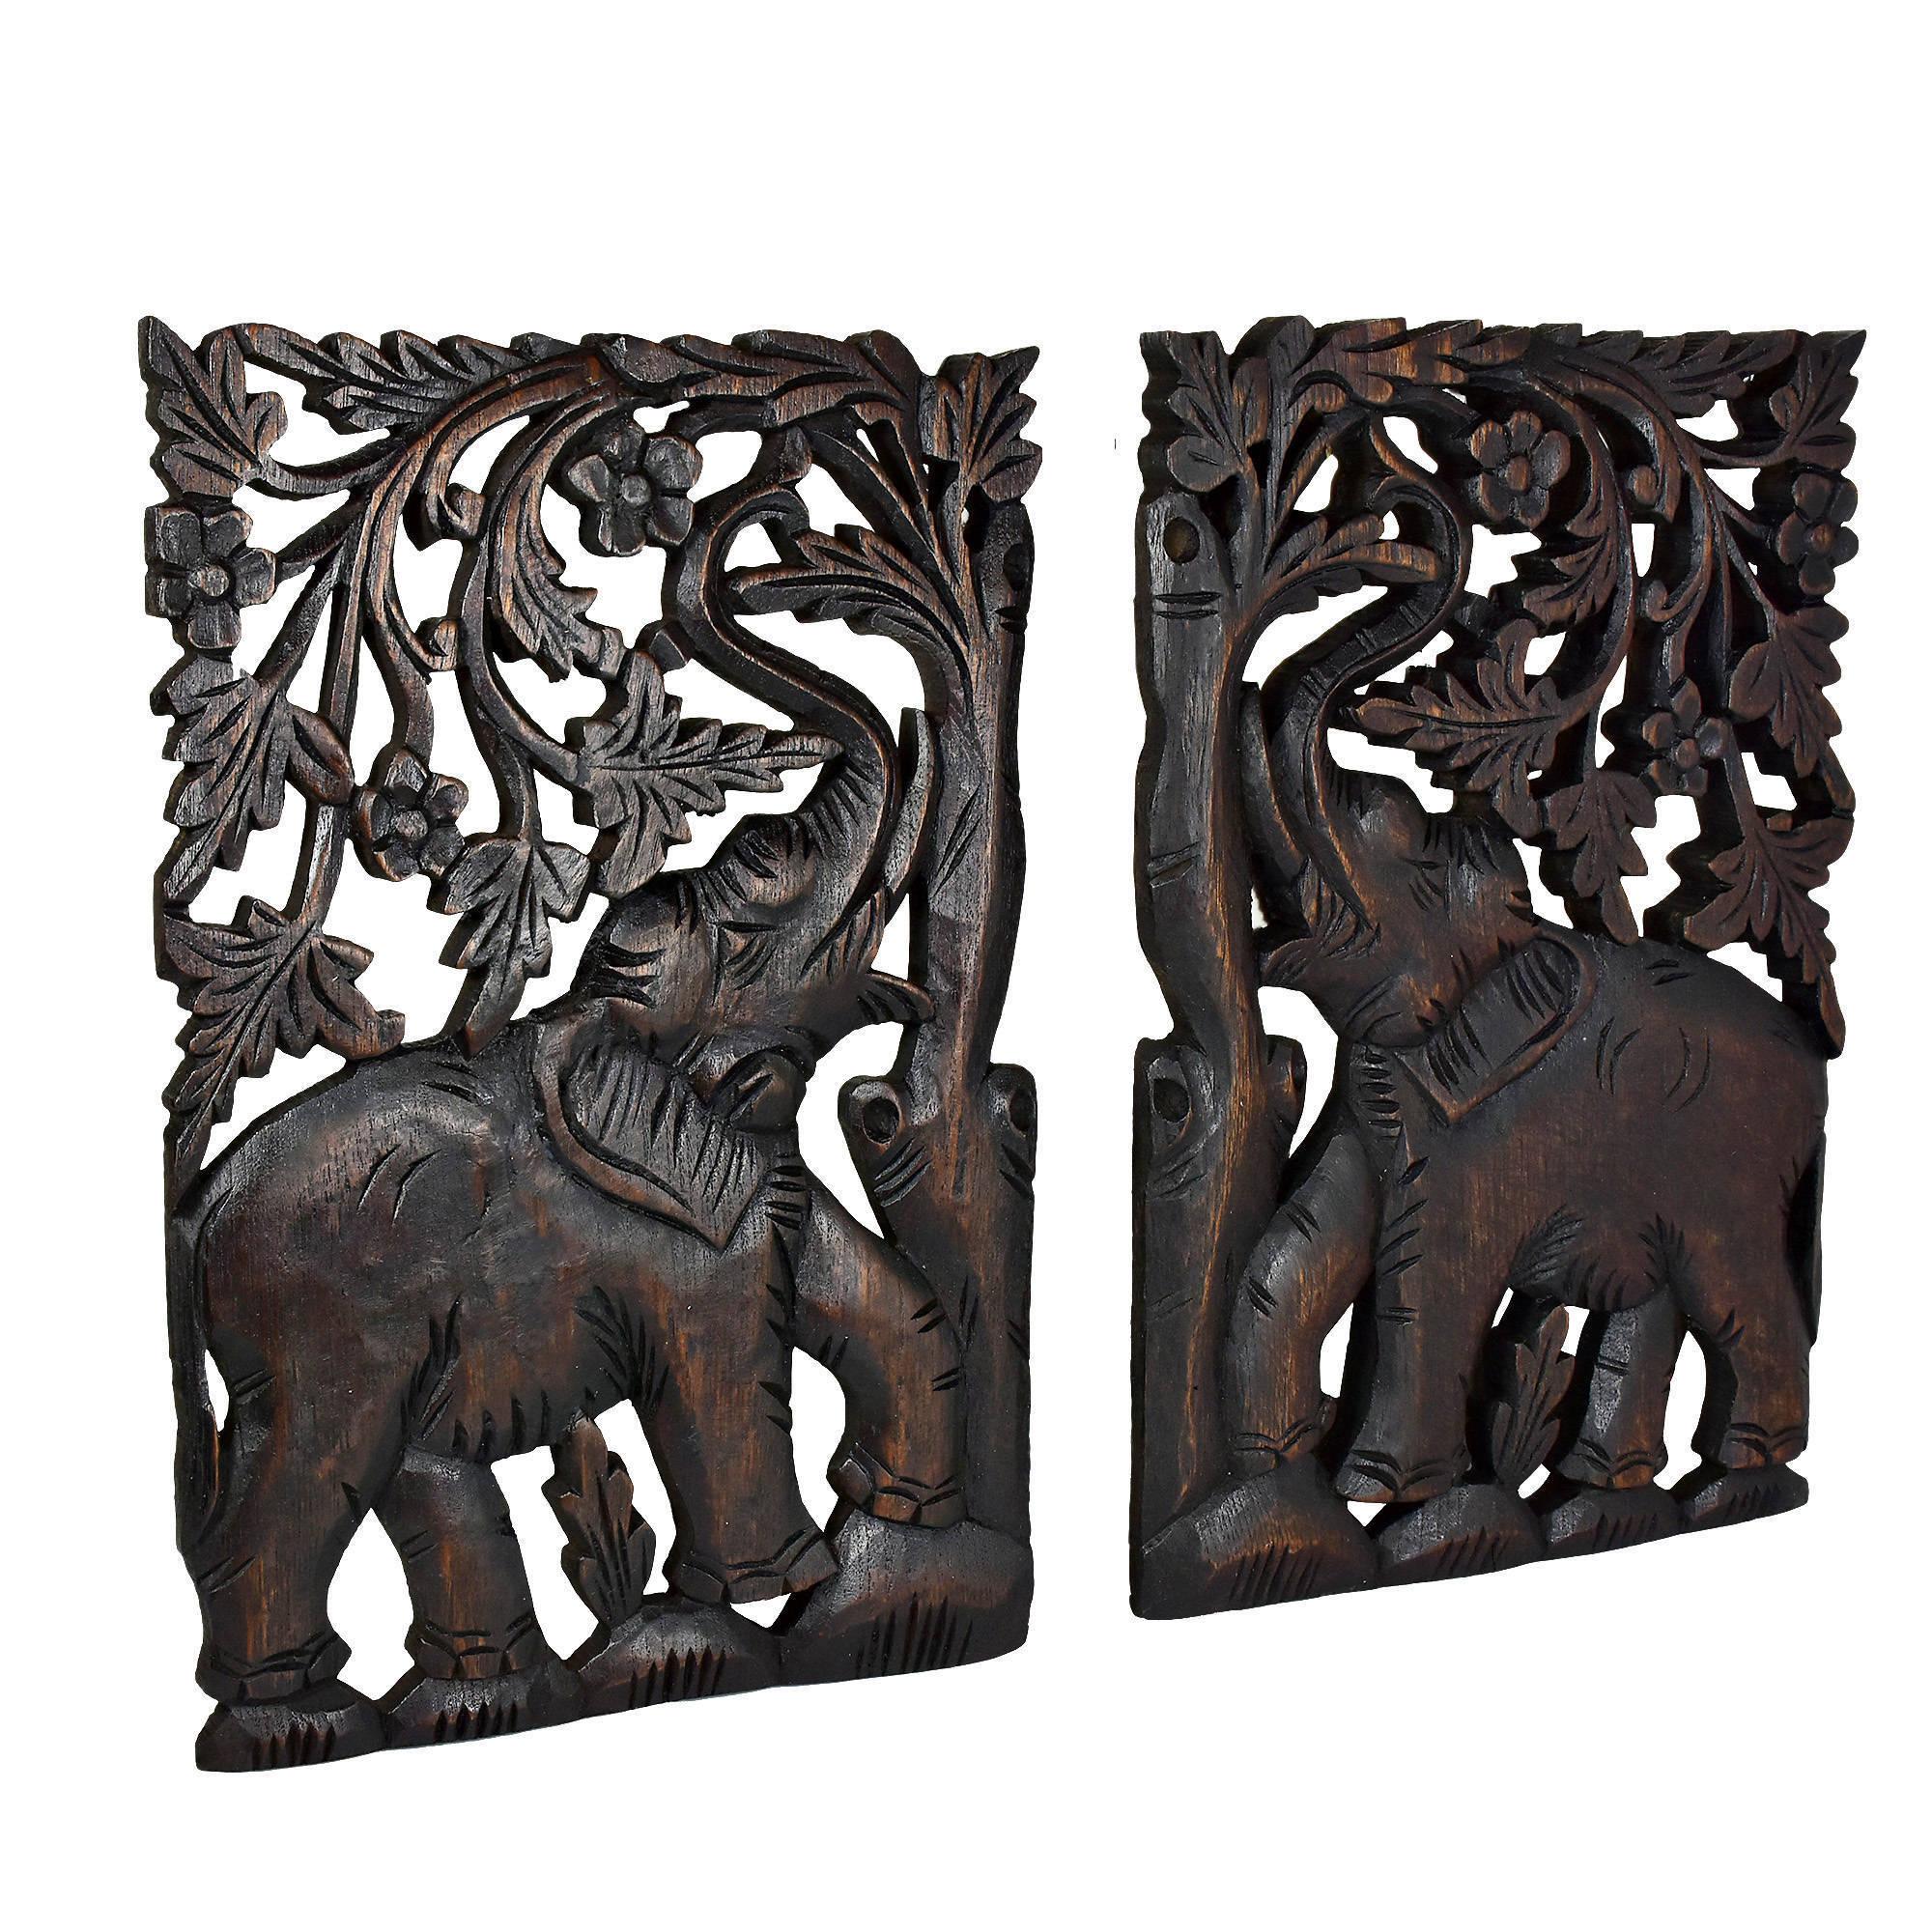 Wood design carved stock image image of bring furniture